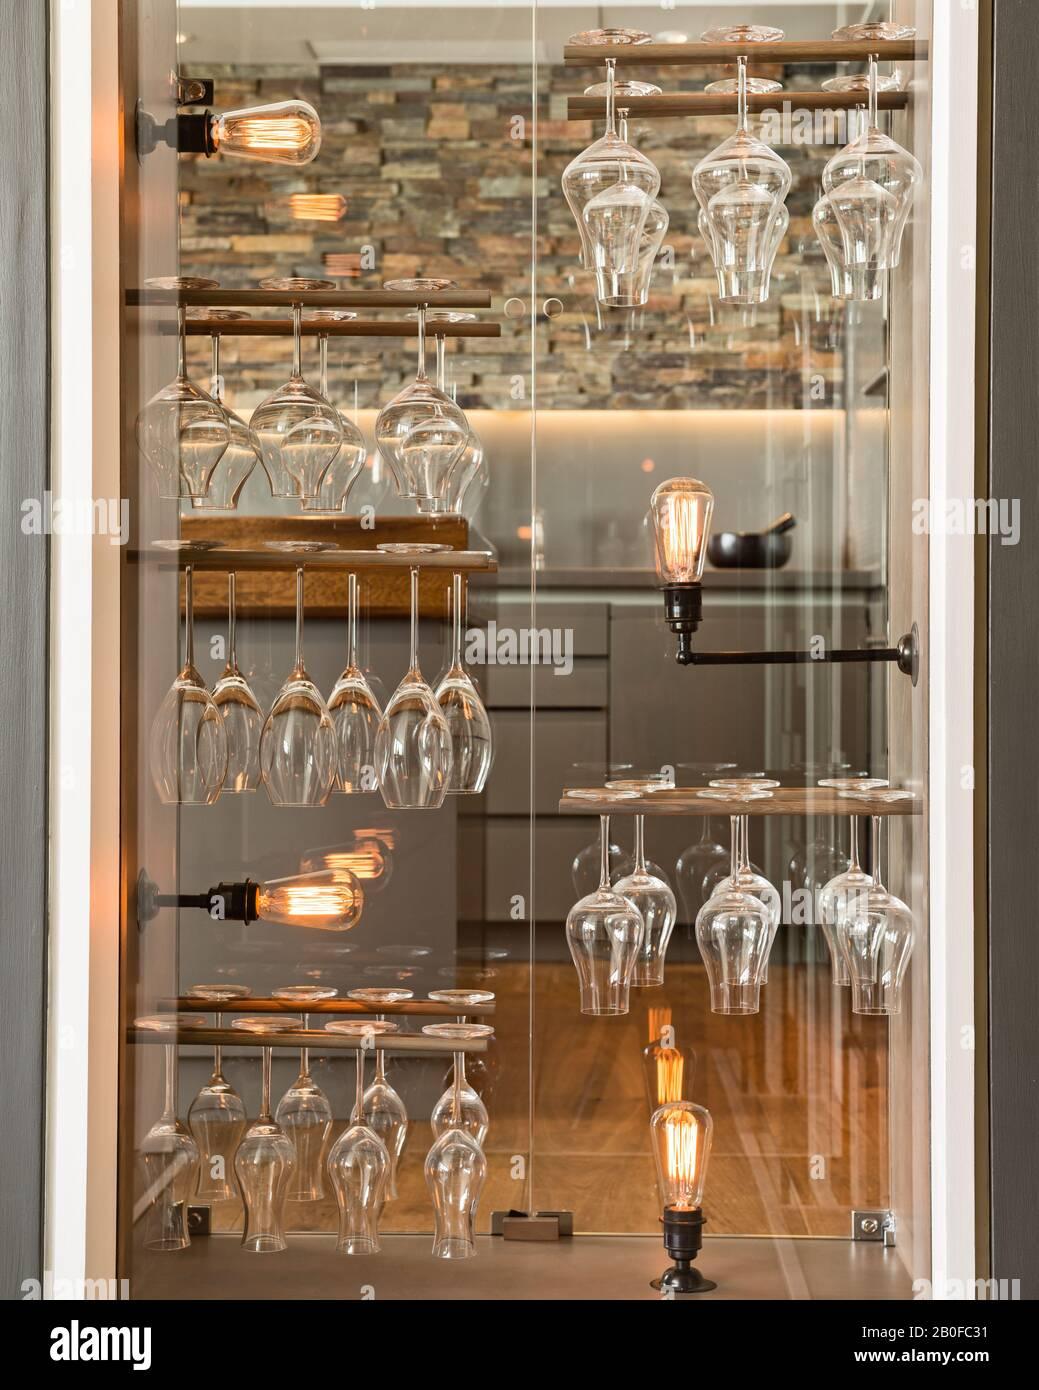 Bodega Redel almacenamiento con bombillas de filamento en armario de puerta reutilizado. Foto de stock